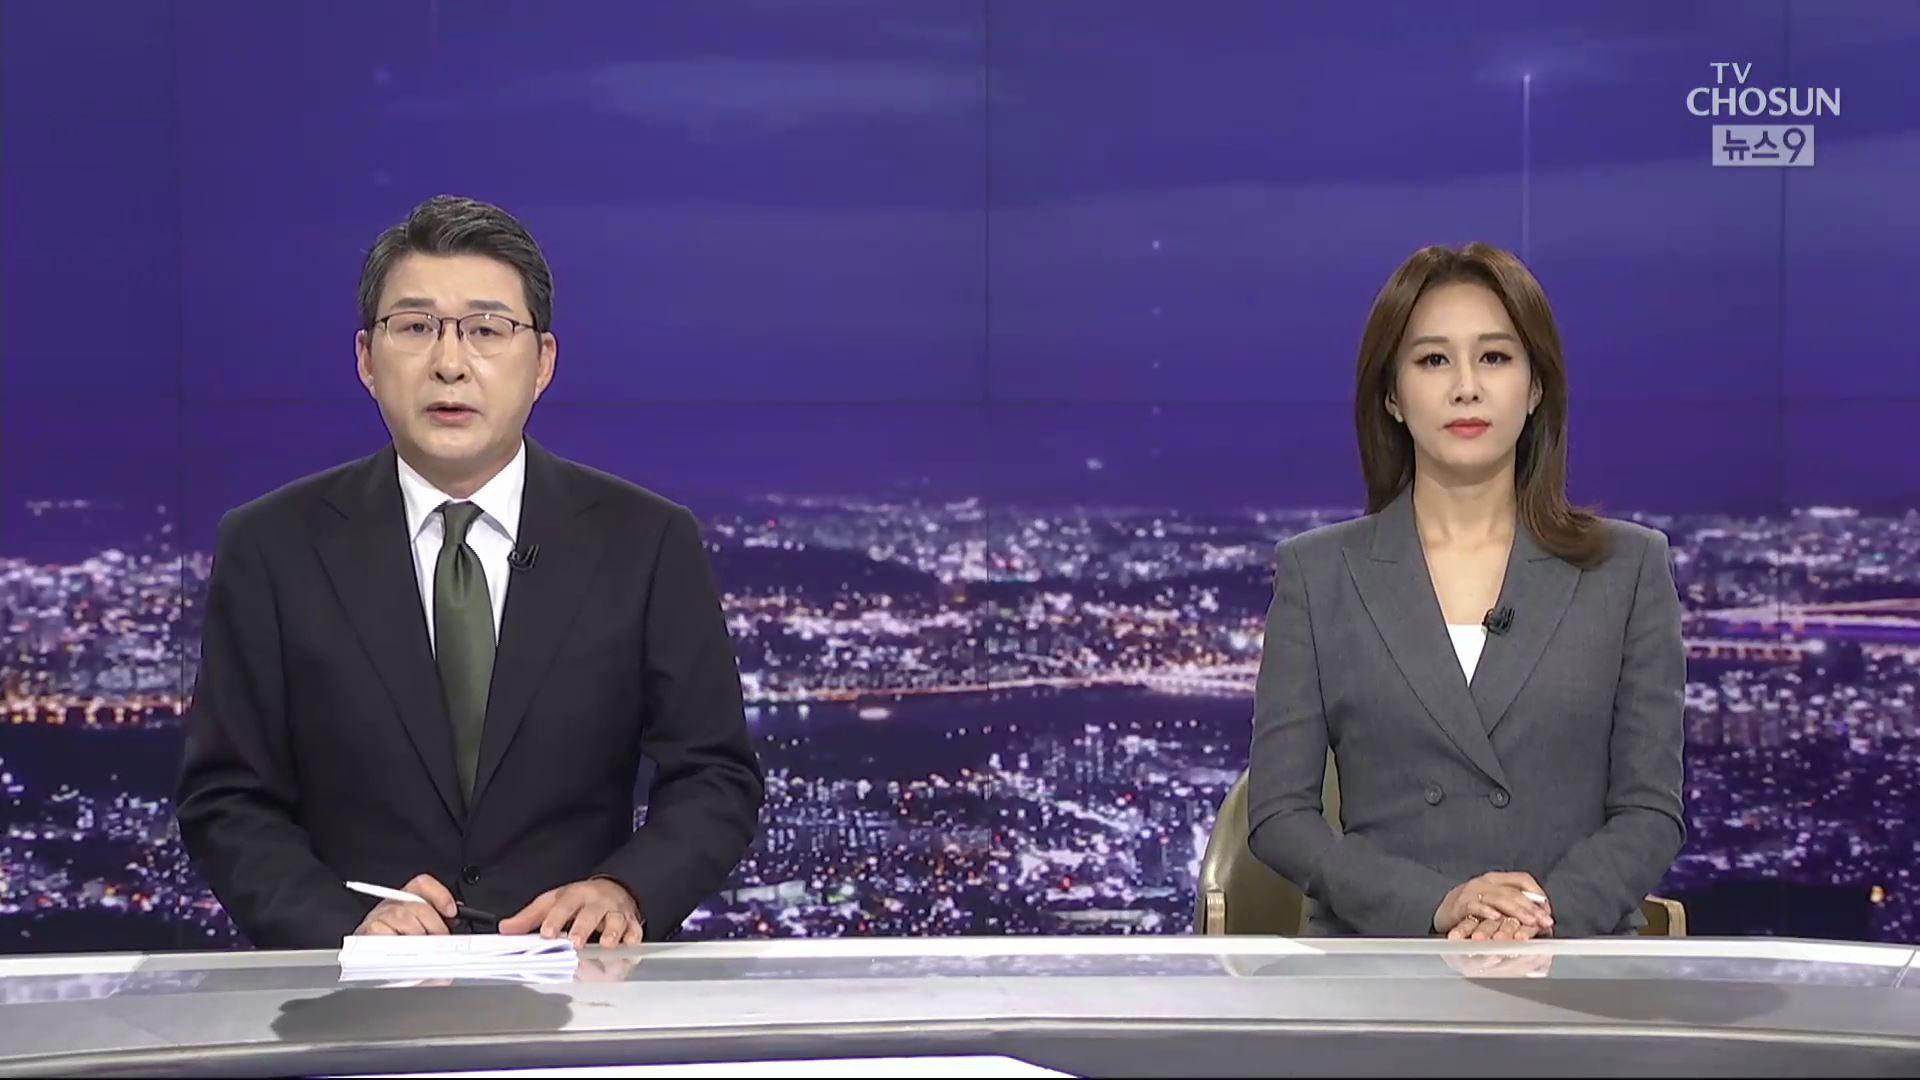 9월 27일 '뉴스 9' 클로징